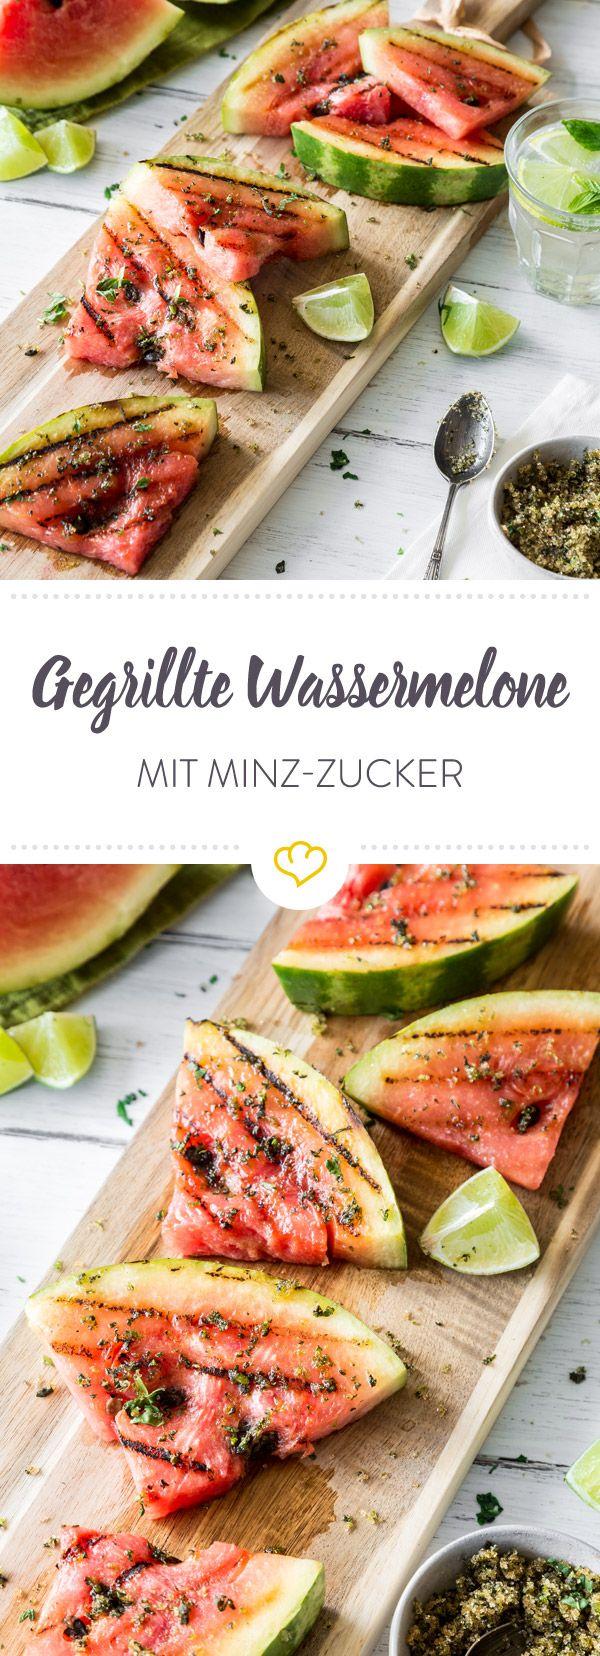 Die gegrillte Wassermelone bringt dank Limetten-Minz-Zucker auch noch eine ordentliche Portion Frische mit - und wird so zu einem perfekten Grill-Dessert!